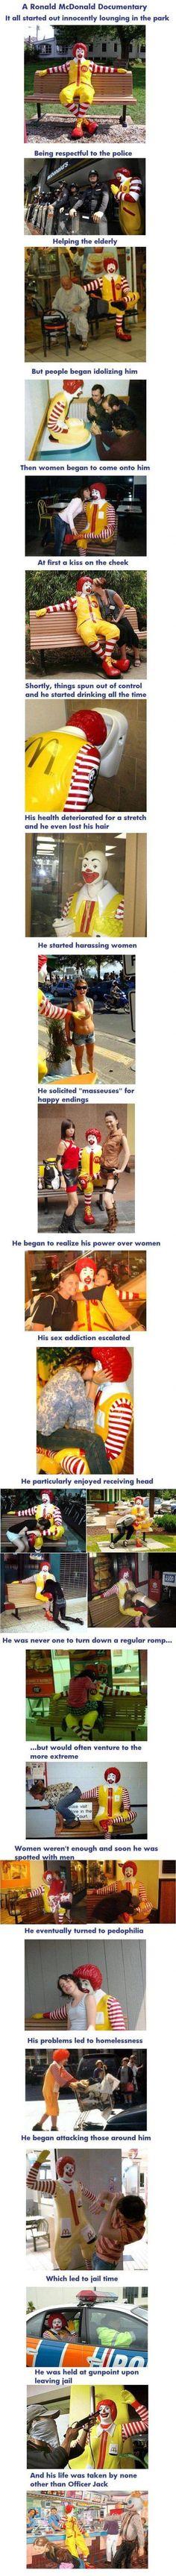 The Life of Ronald McDonald